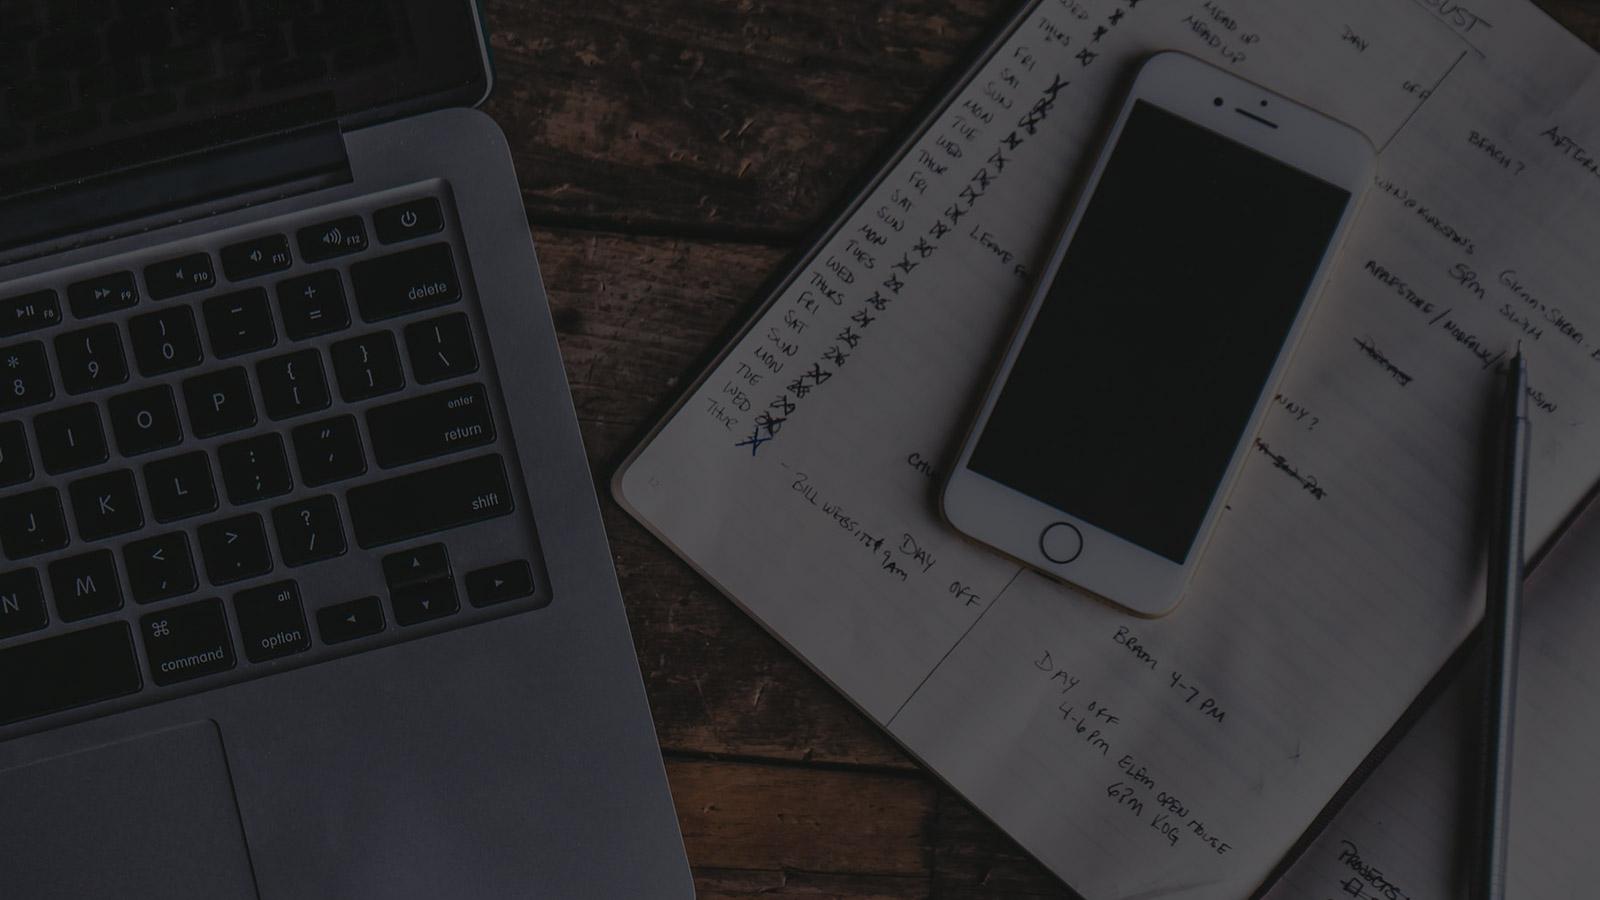 restringir uso de celular na empresa